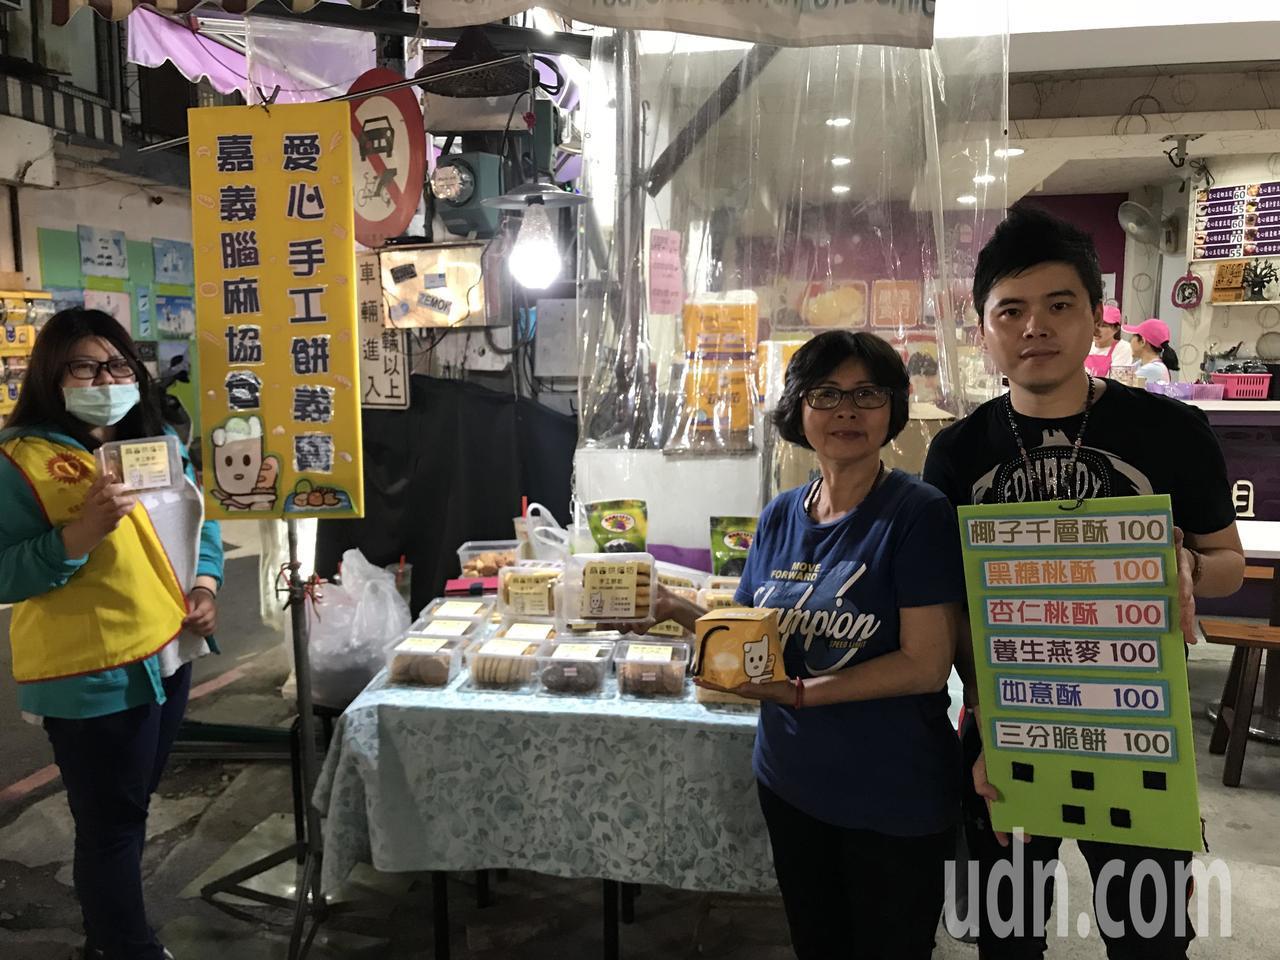 嘉義市腦麻協會理事長黃晨婷(右二)每天到嘉義市文化夜市擺攤,叫賣手工餅乾,增加協...